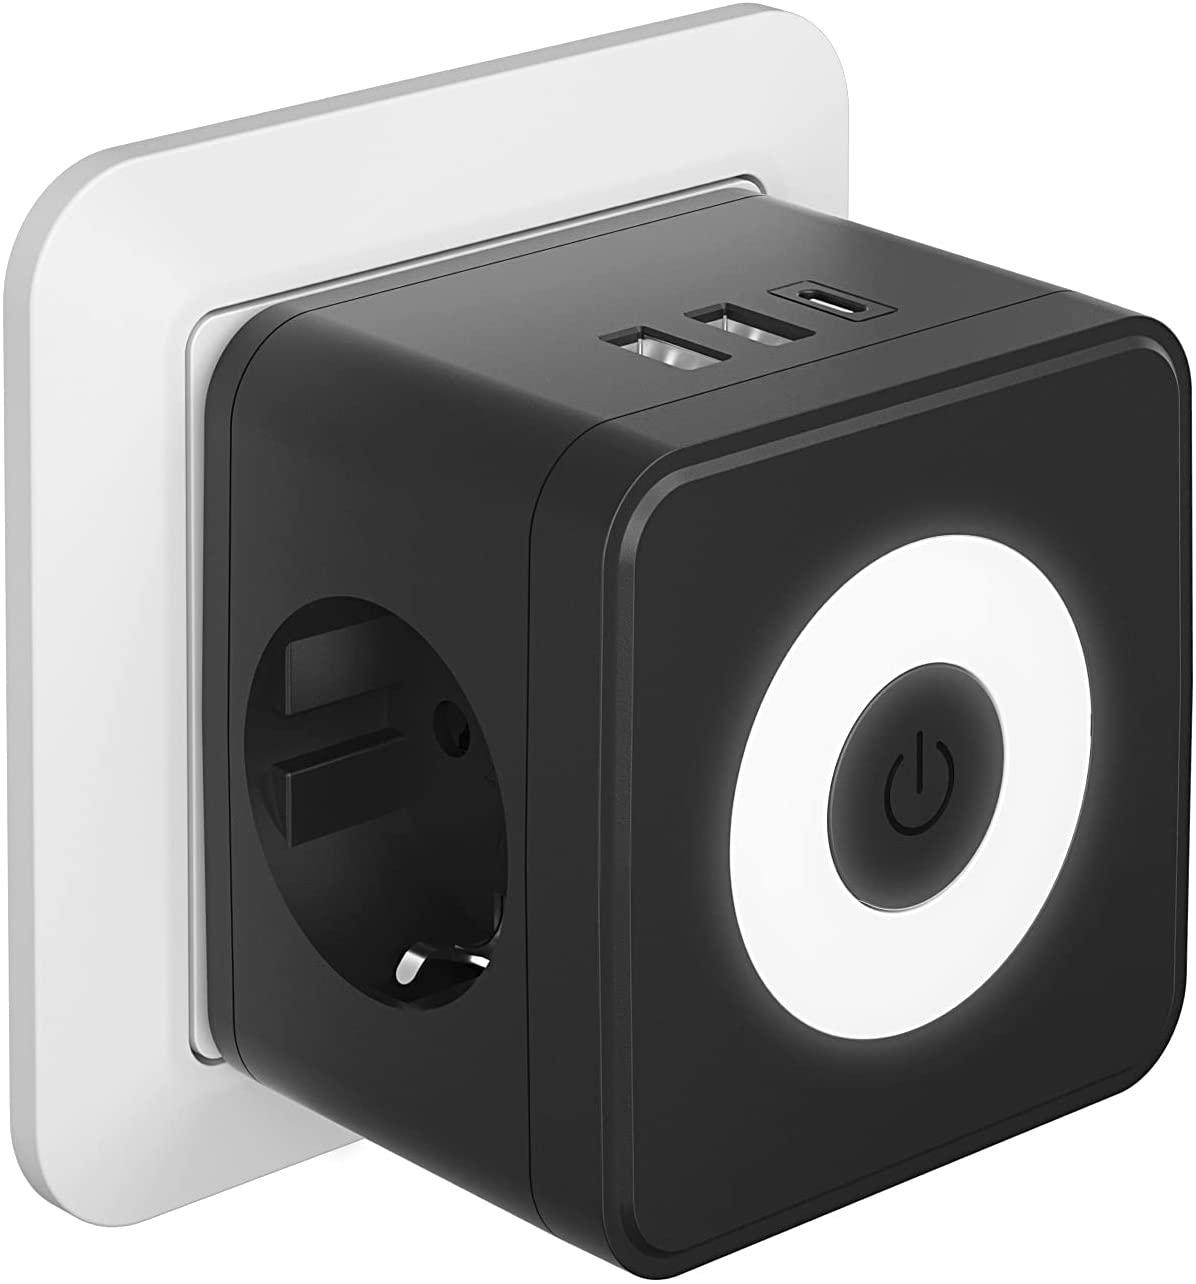 Enchufe USB 5 en 1